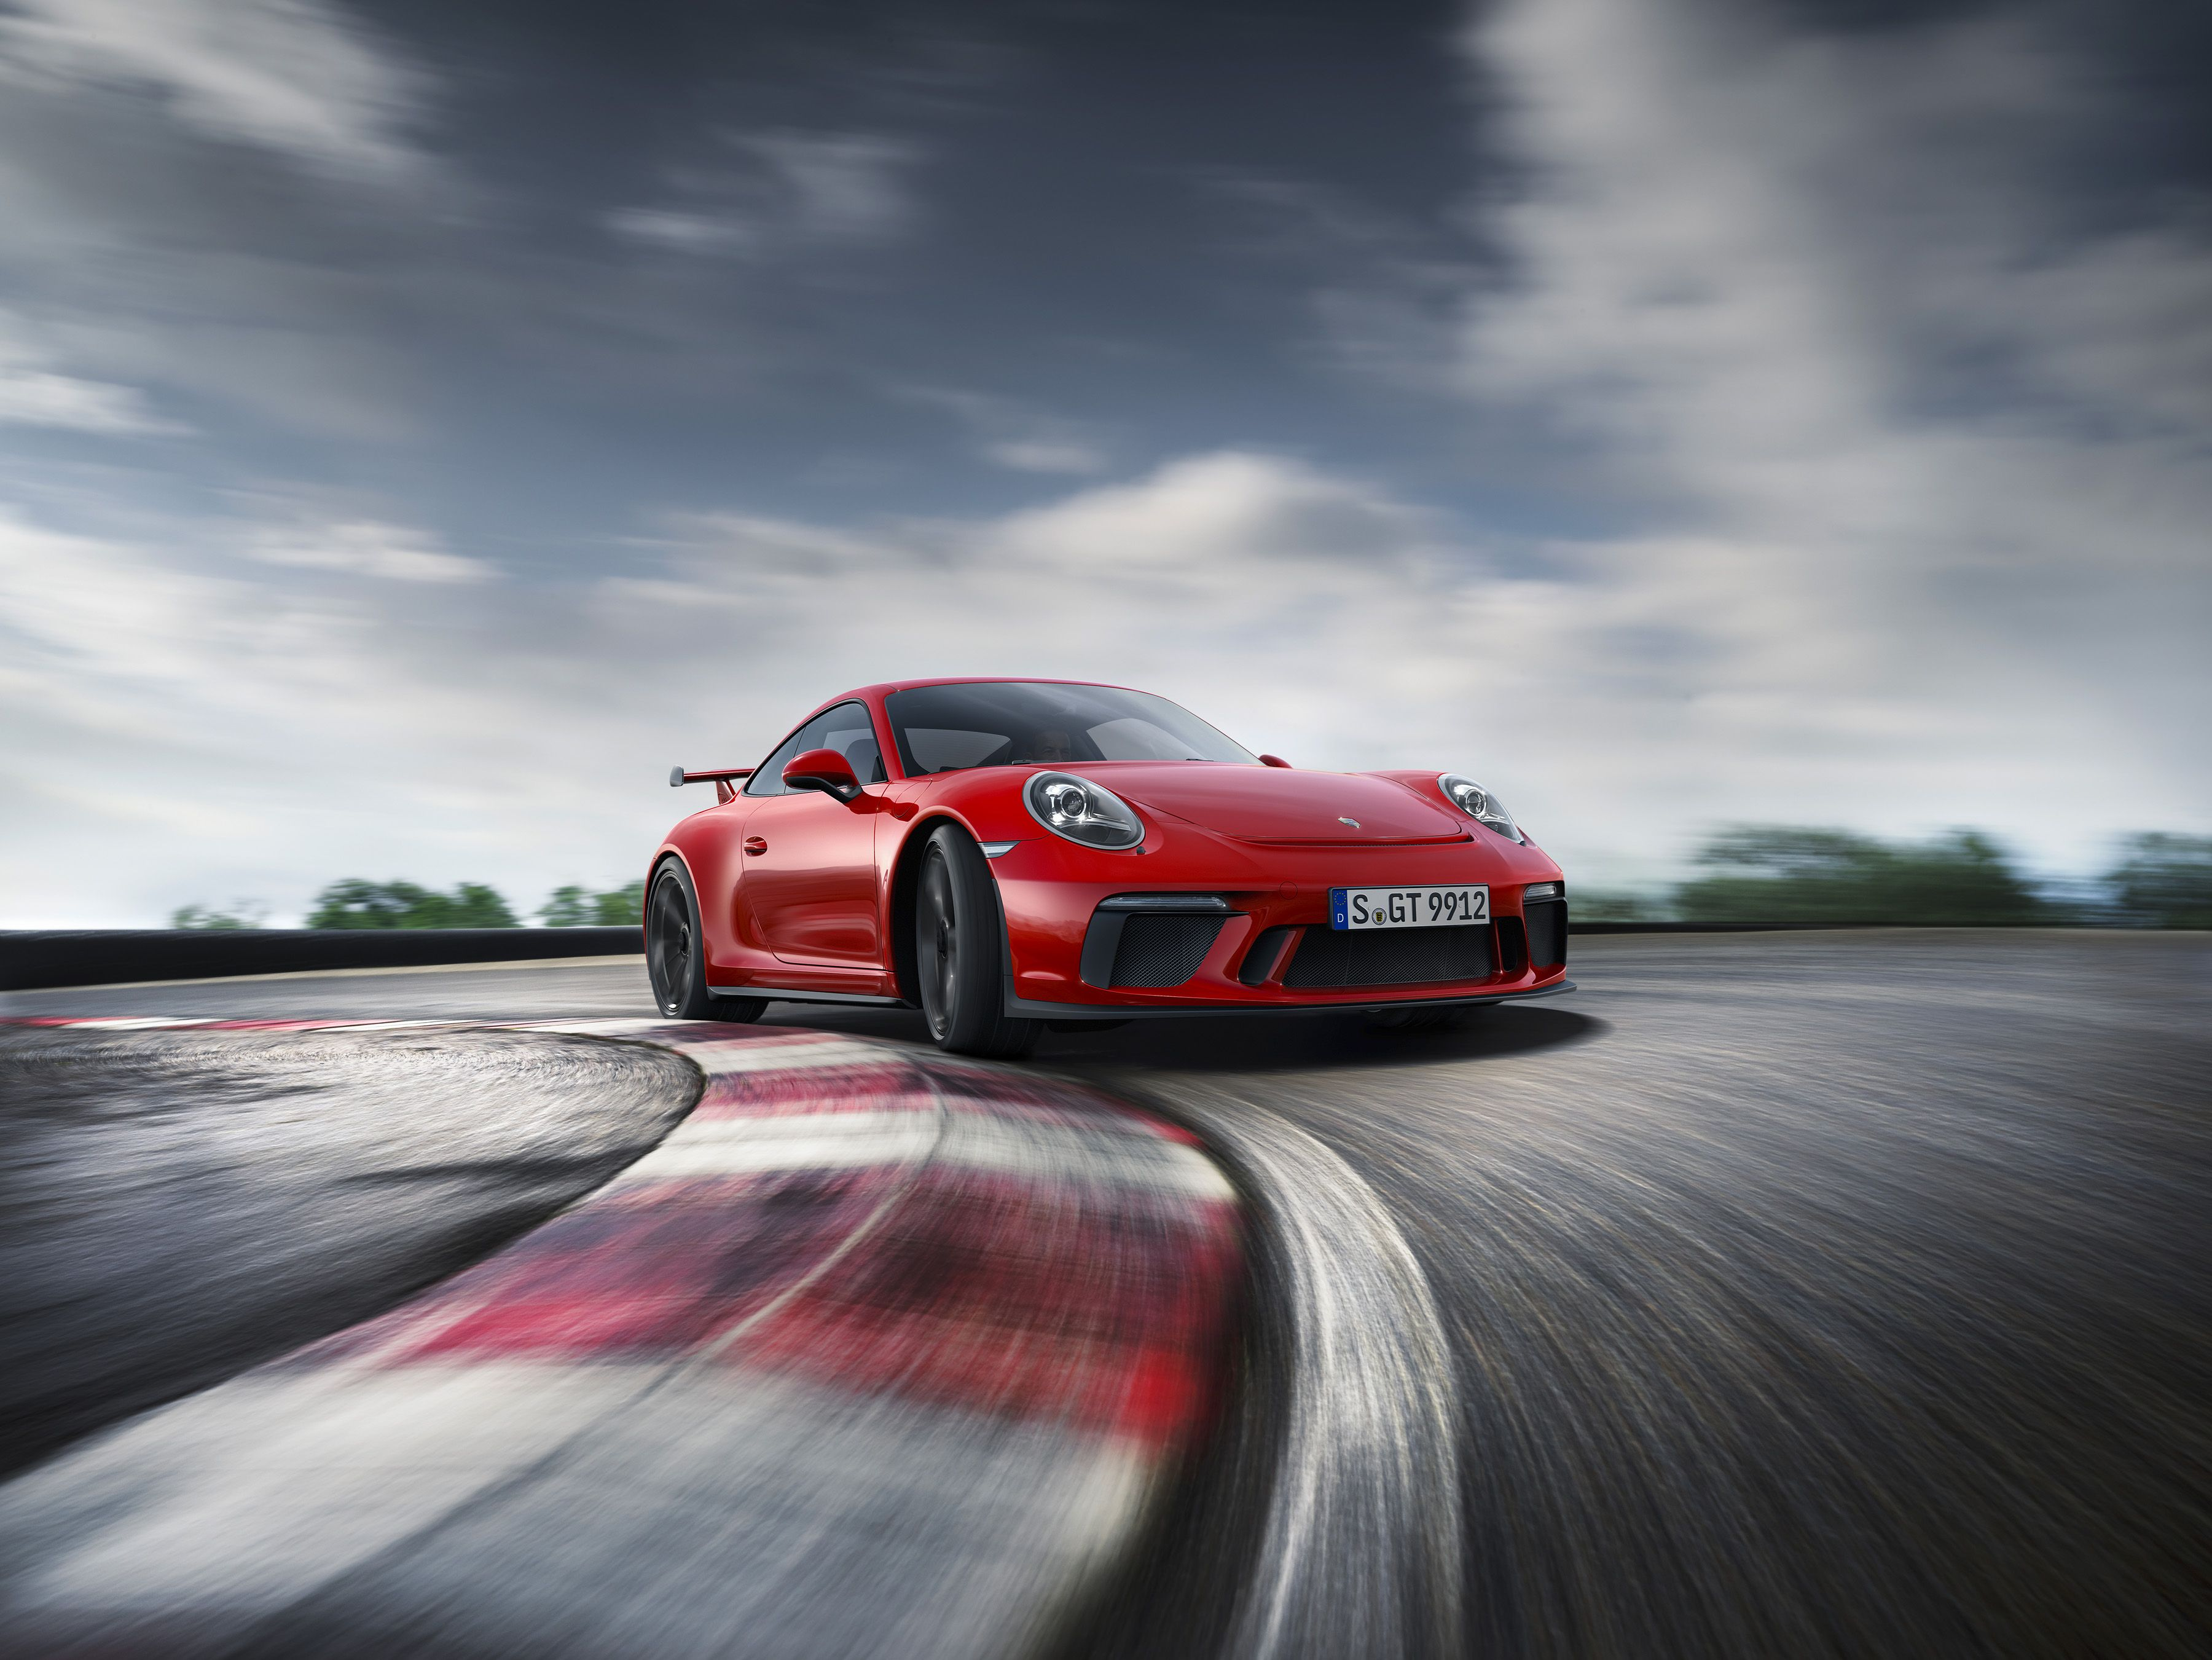 Porsche 911 GTR Wallpapers   Top Porsche 911 GTR Backgrounds 3600x2701